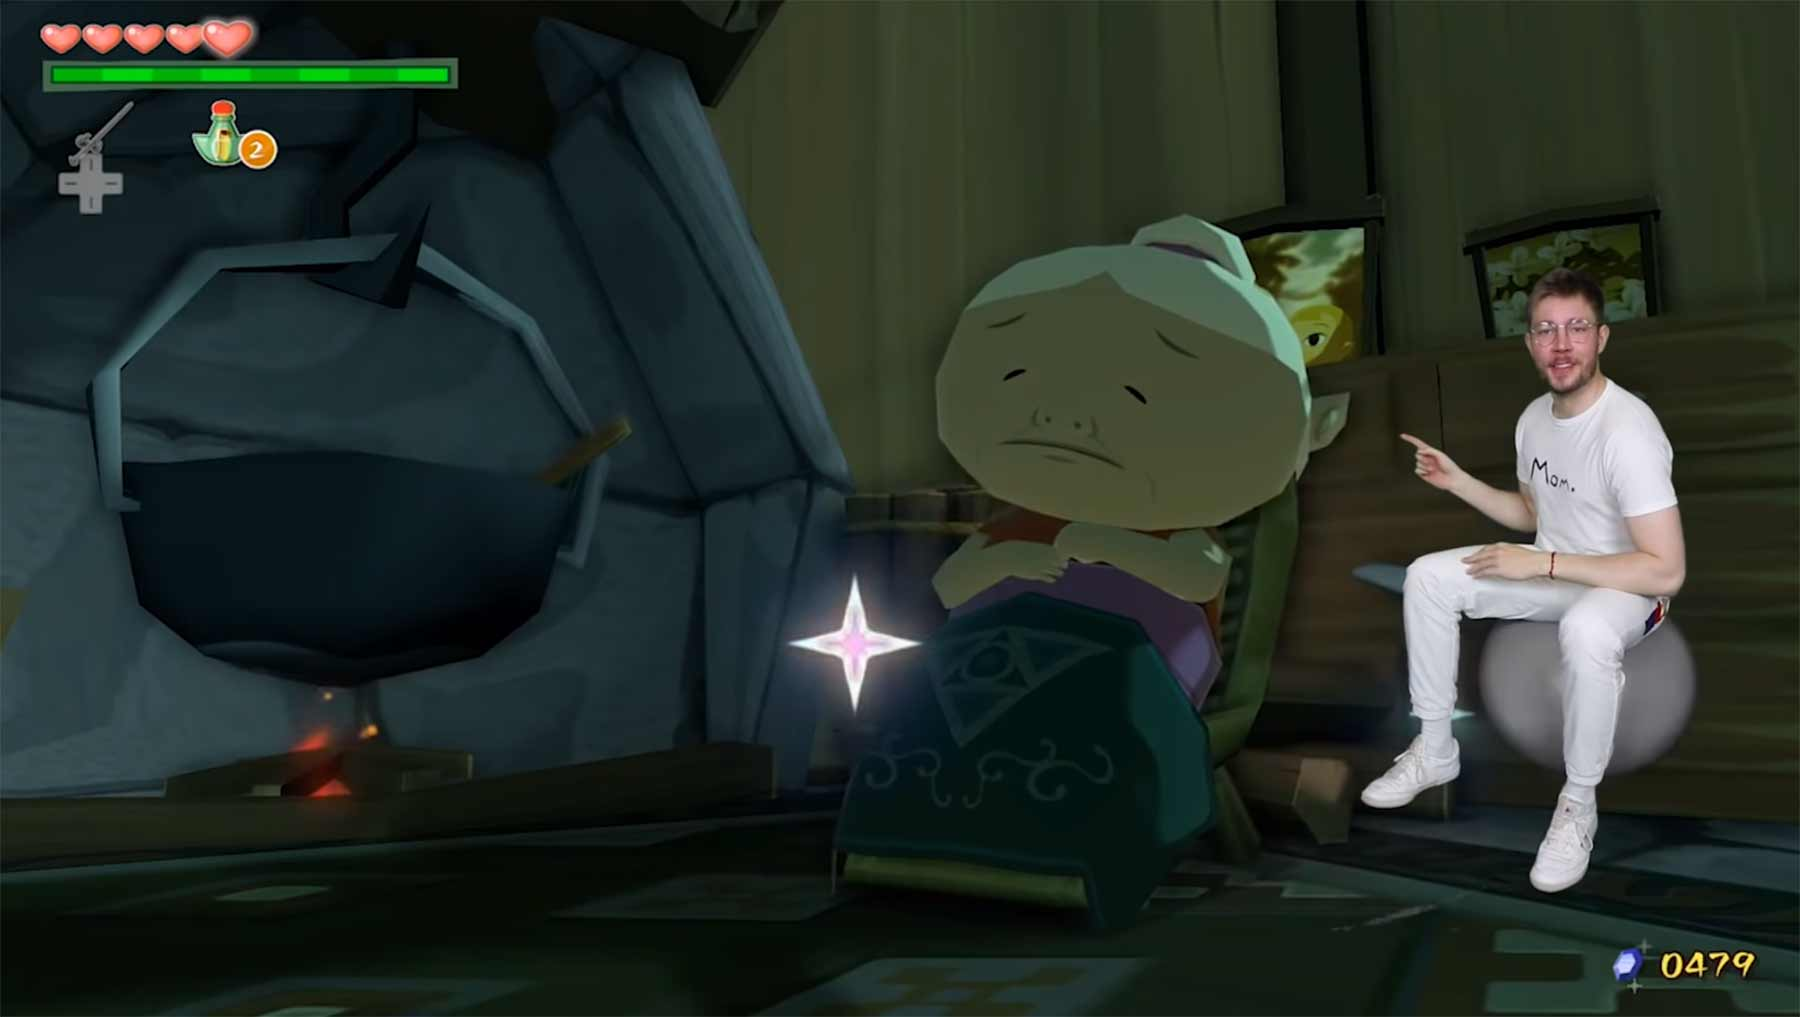 Mütter in Videospielen muetter-in-videospielen